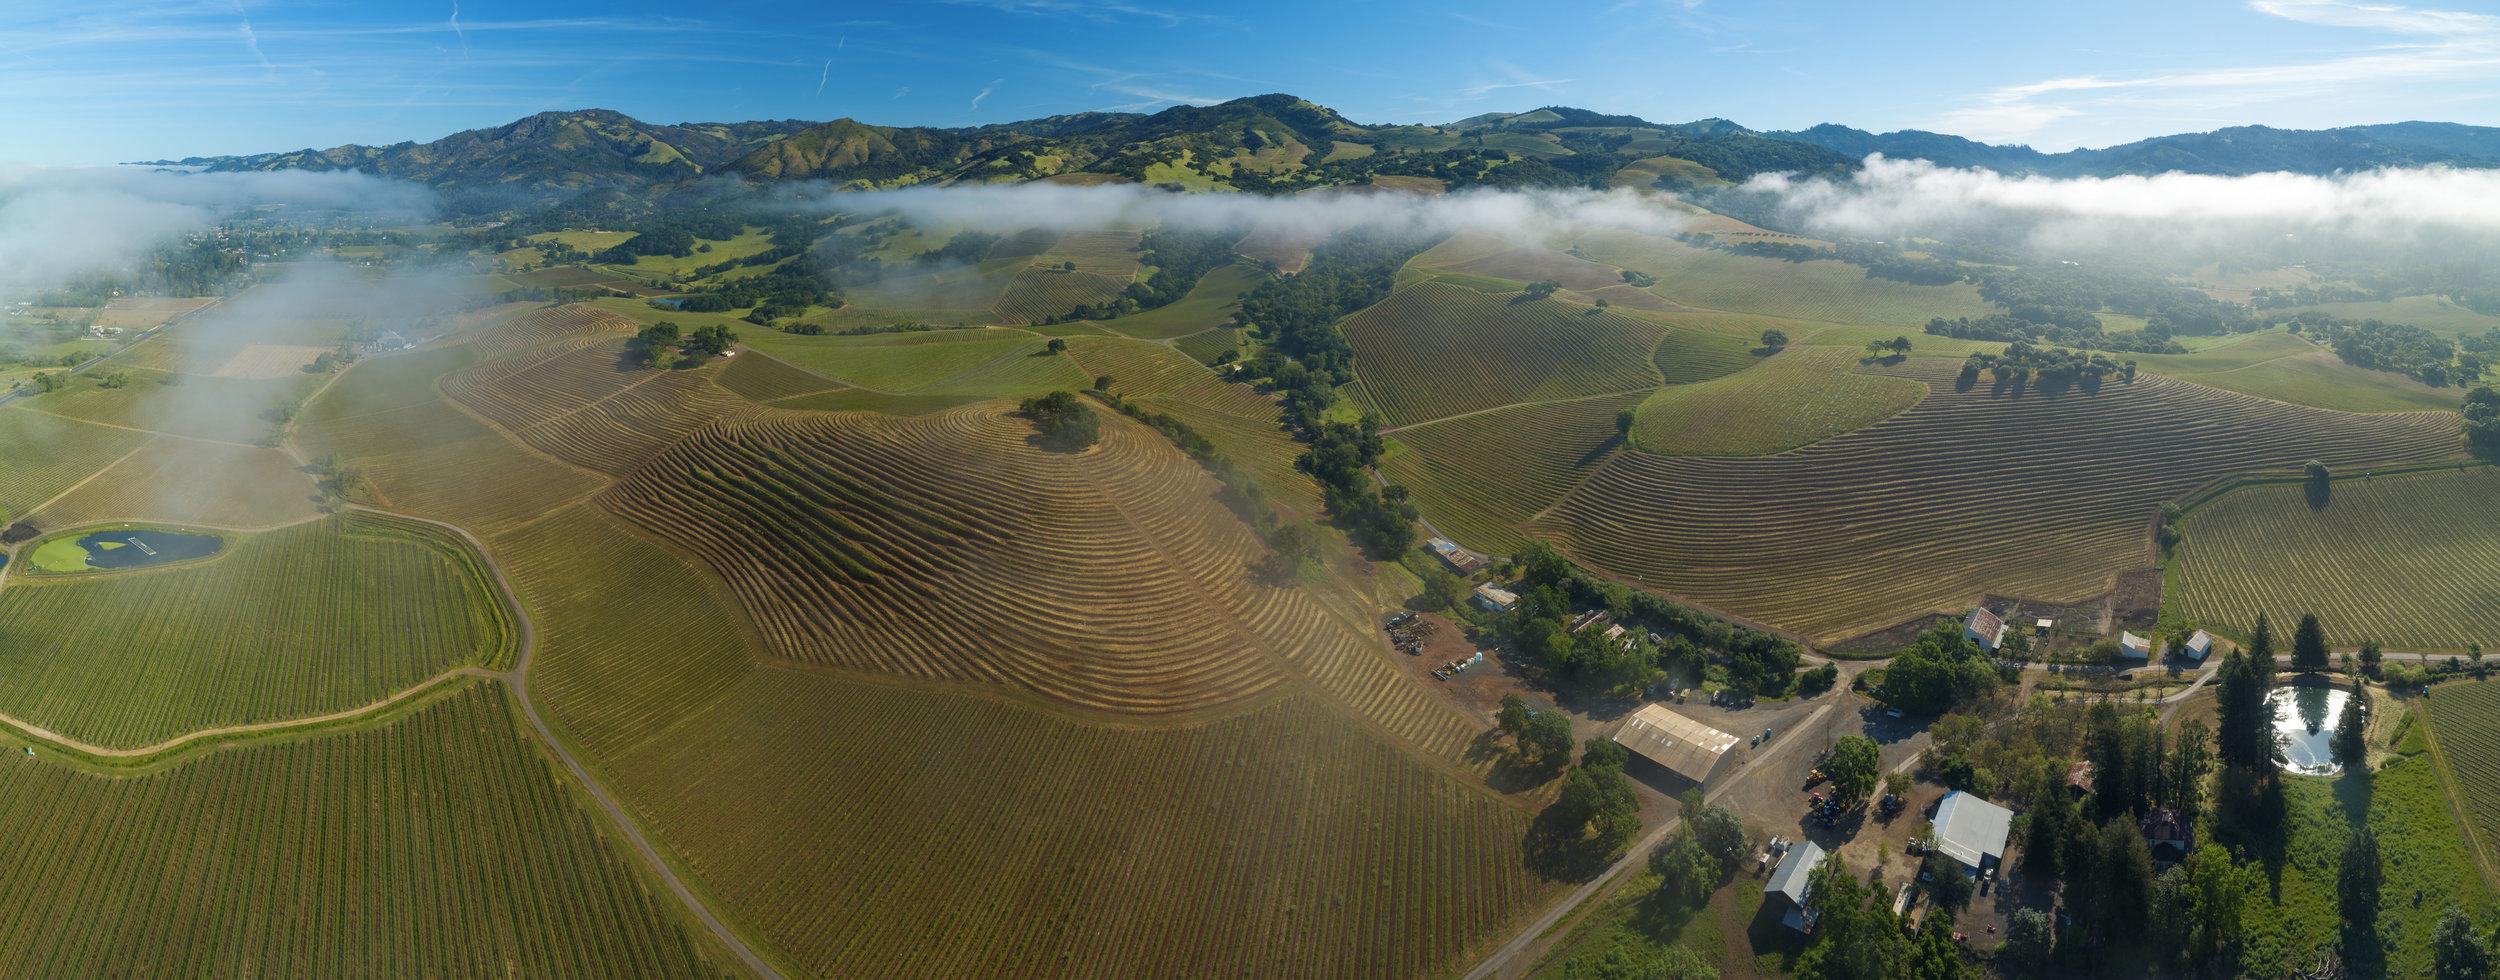 High-resolution aerial panoramas